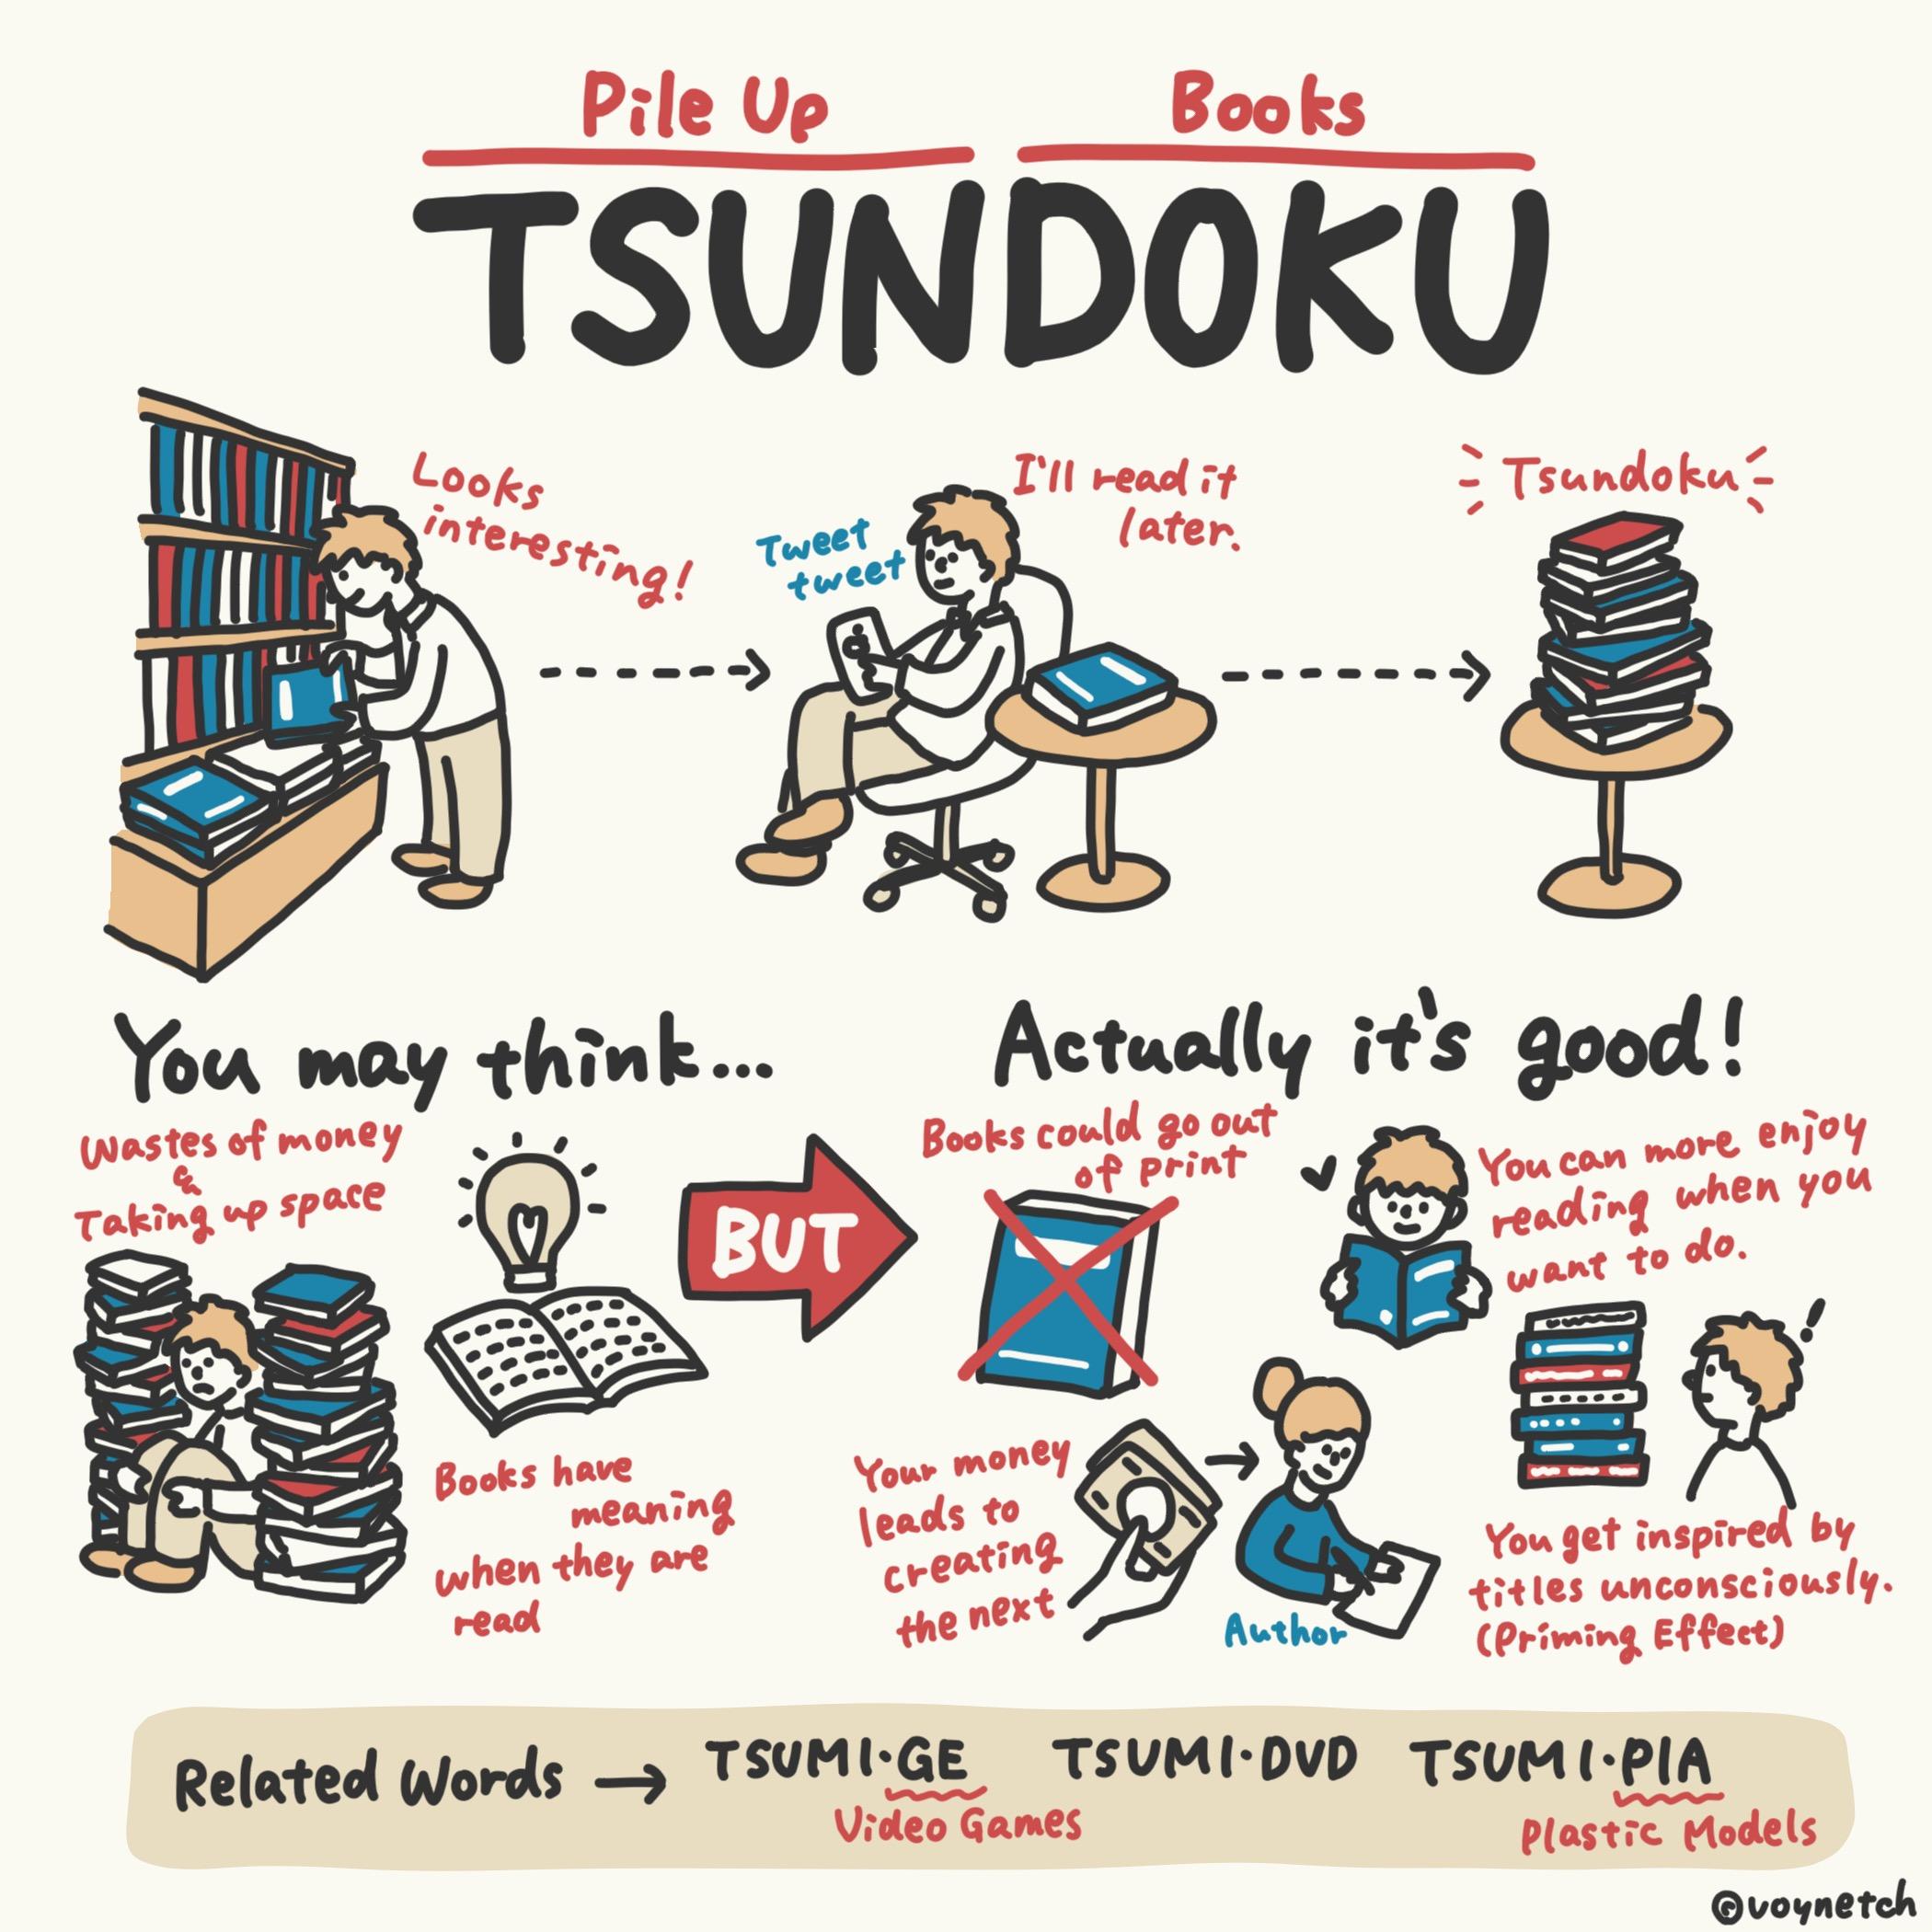 TSUNDOKU Image (1/1)